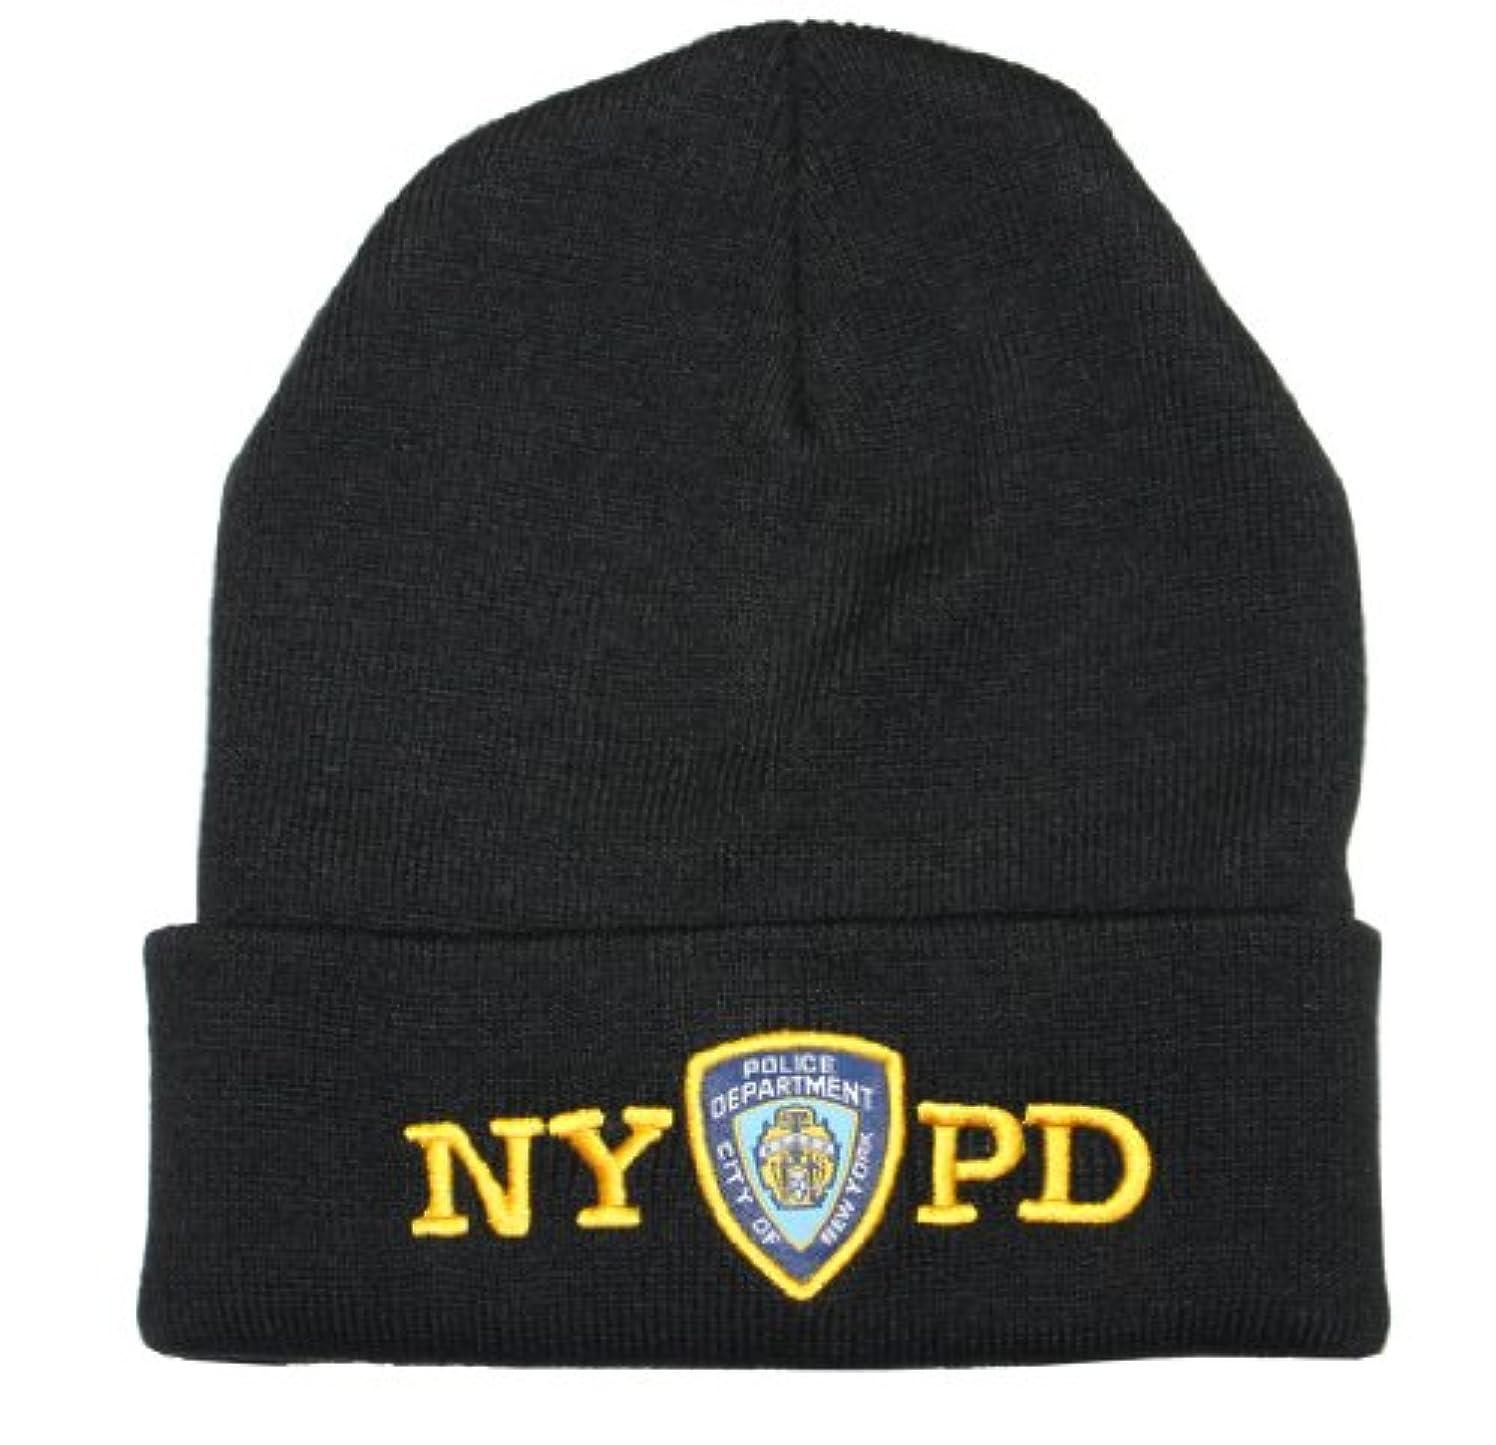 鏡休憩する差し迫ったNYPD冬帽子警察バッジNew York Police Departmentブラック&ゴールドOneサイズ